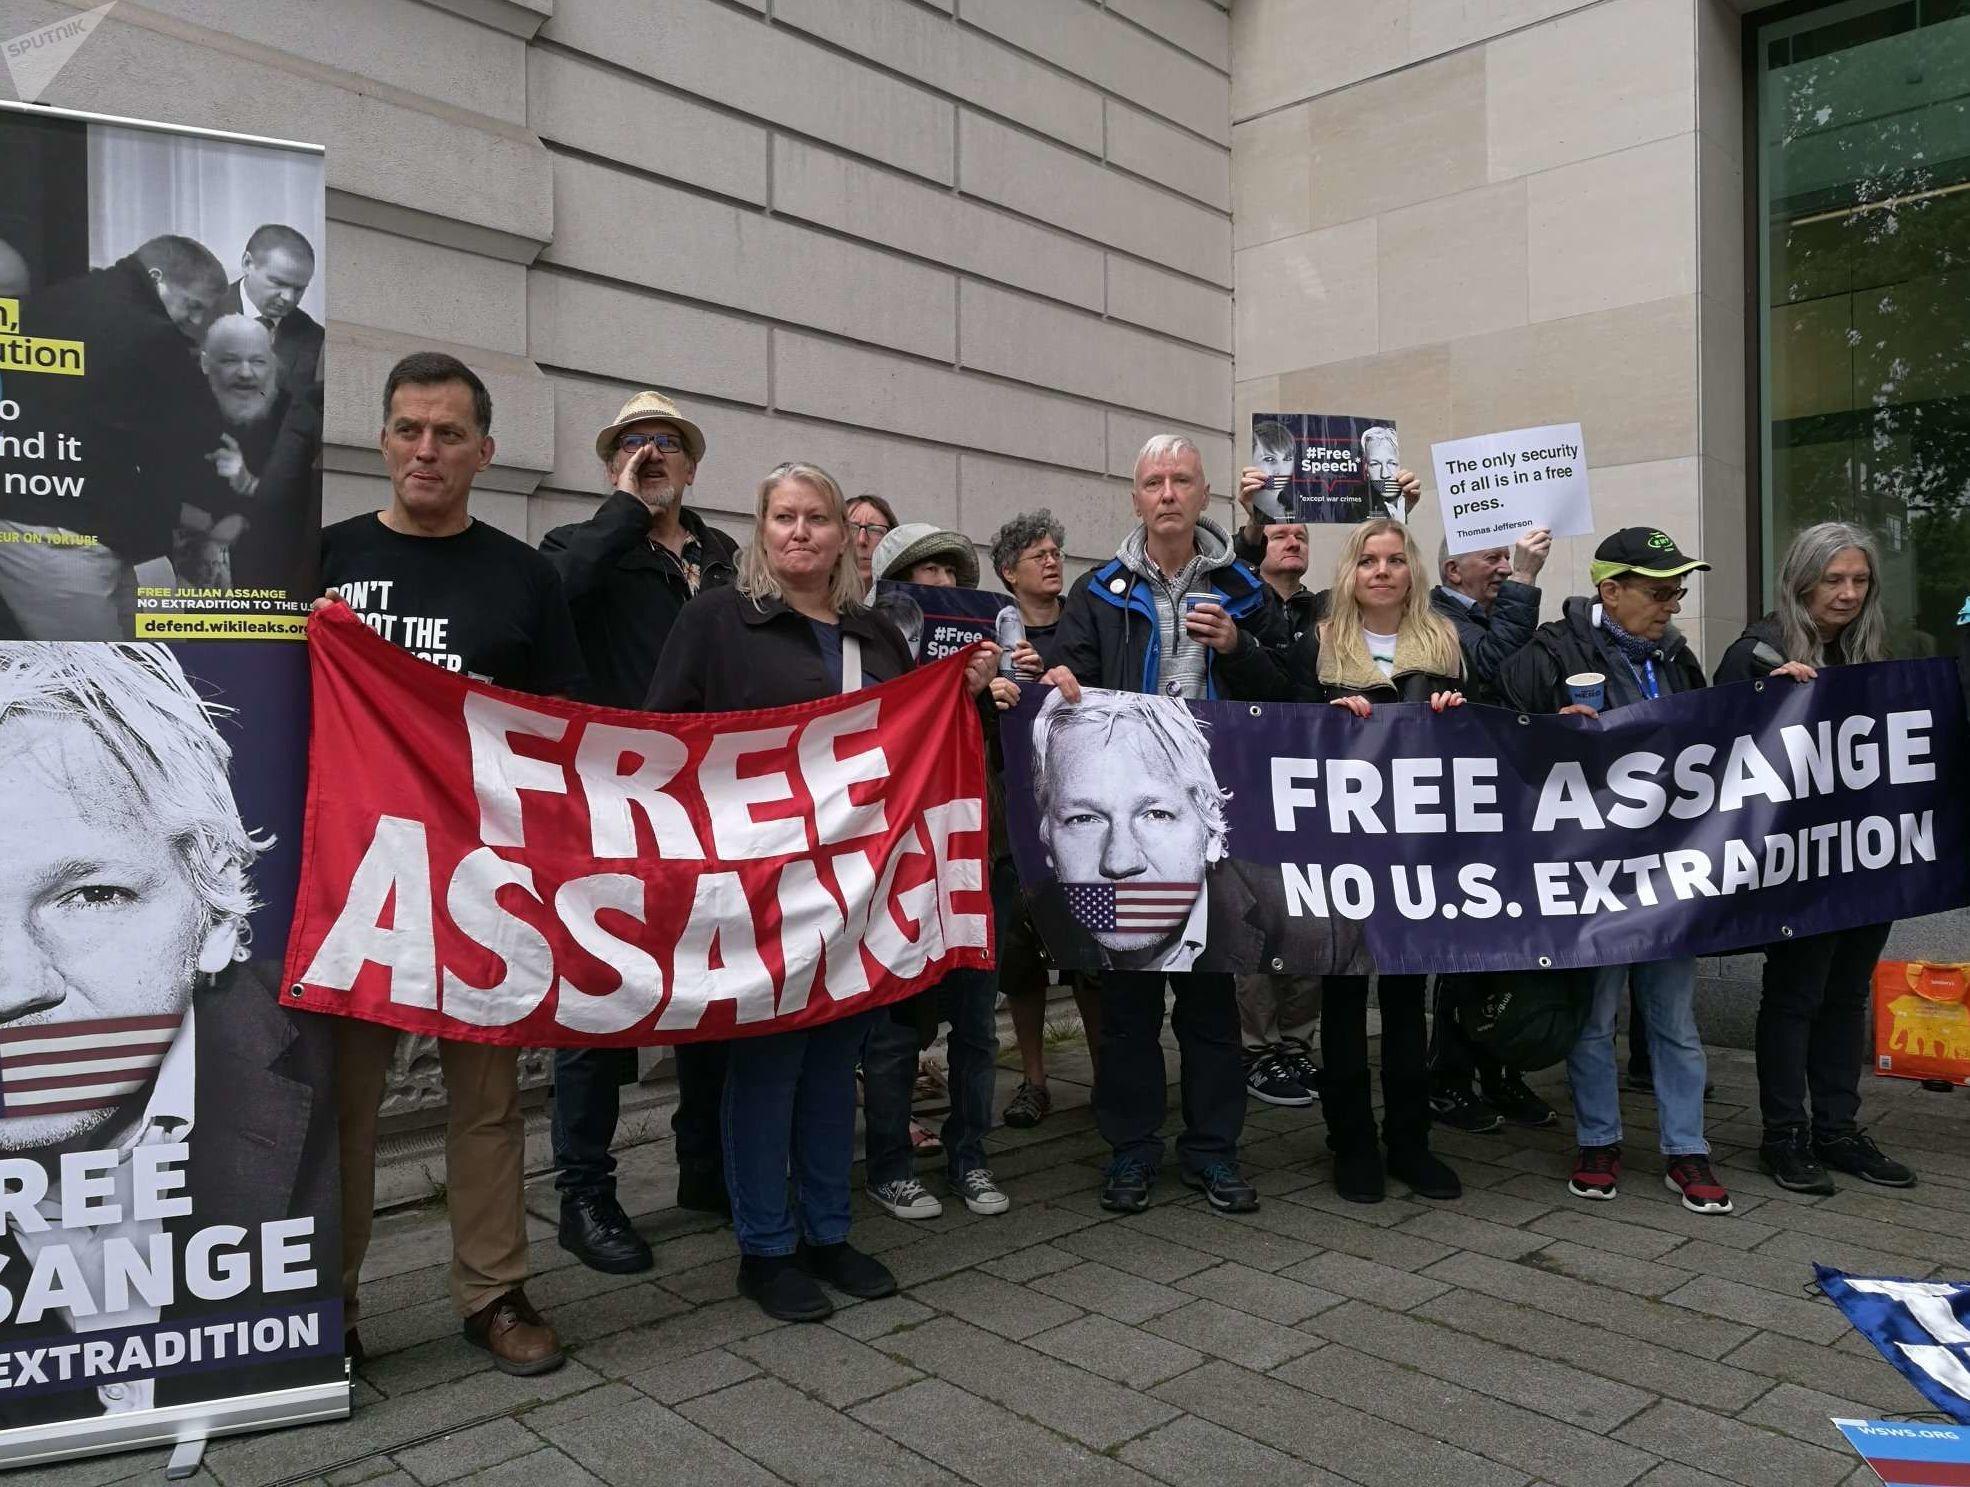 Протест против экстрадиции Ассанжа 14.06.2019